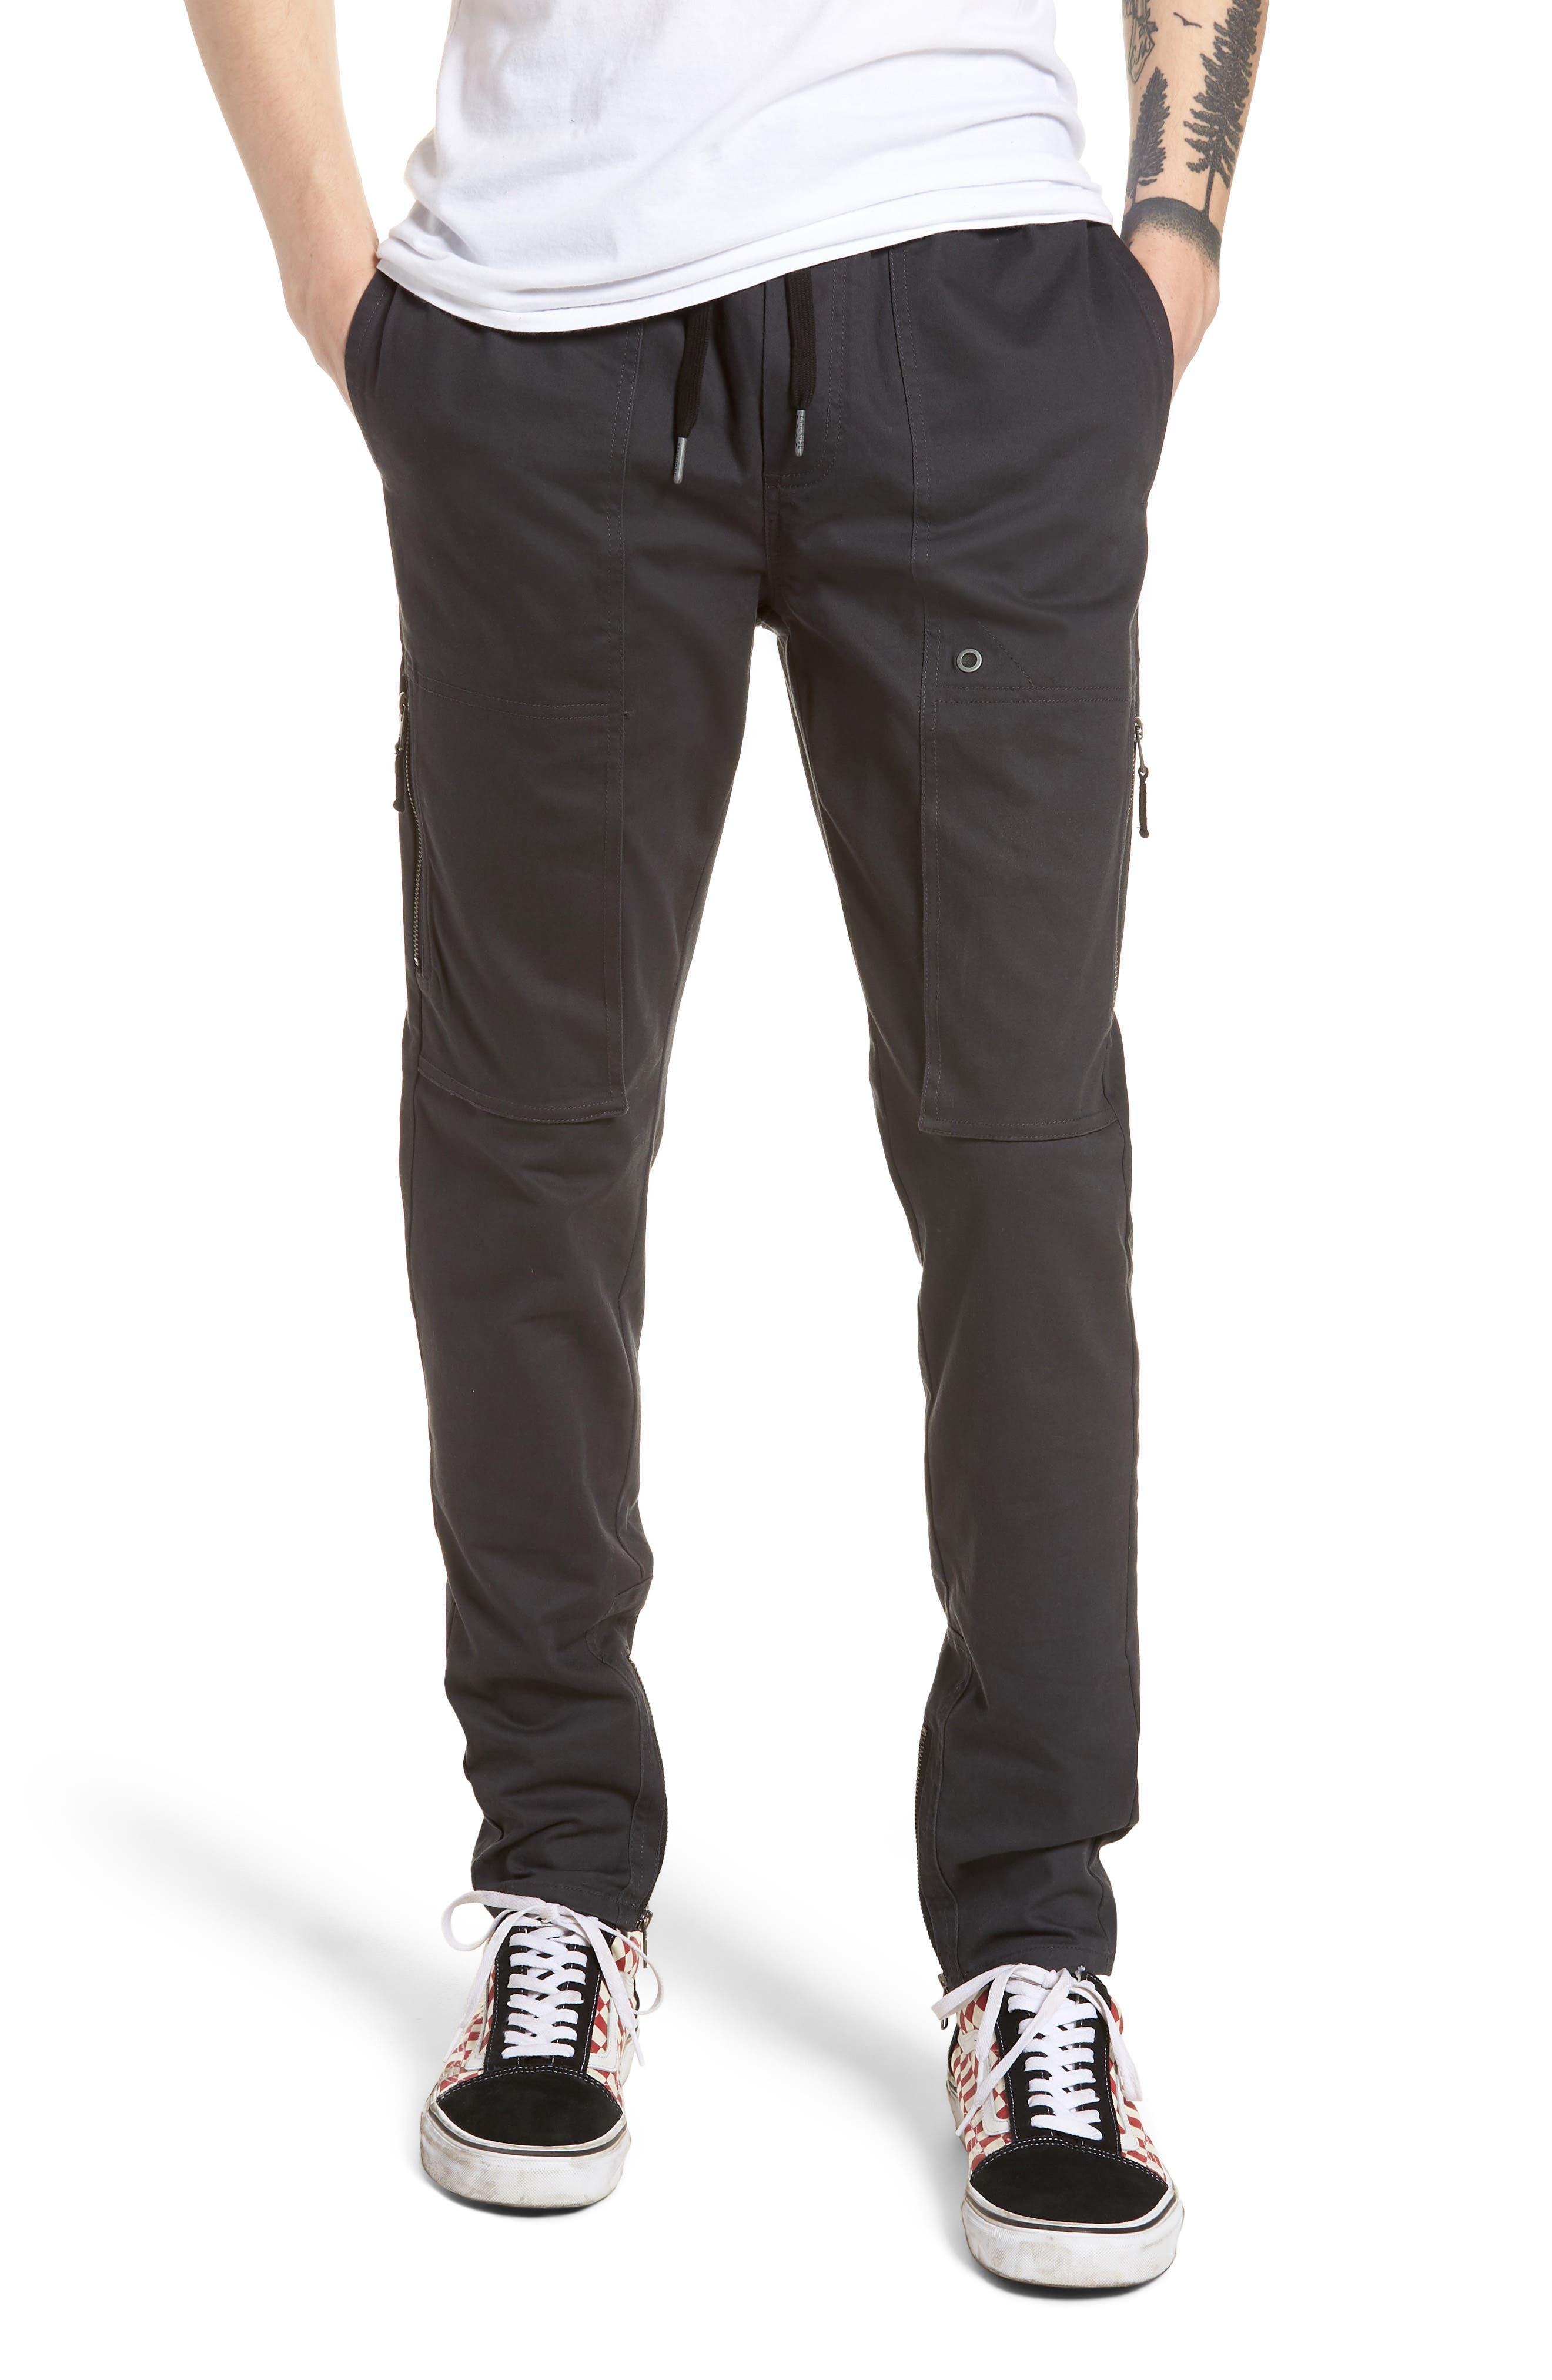 Blockshot Jogger Pants,                         Main,                         color, Vintage Black/ Black